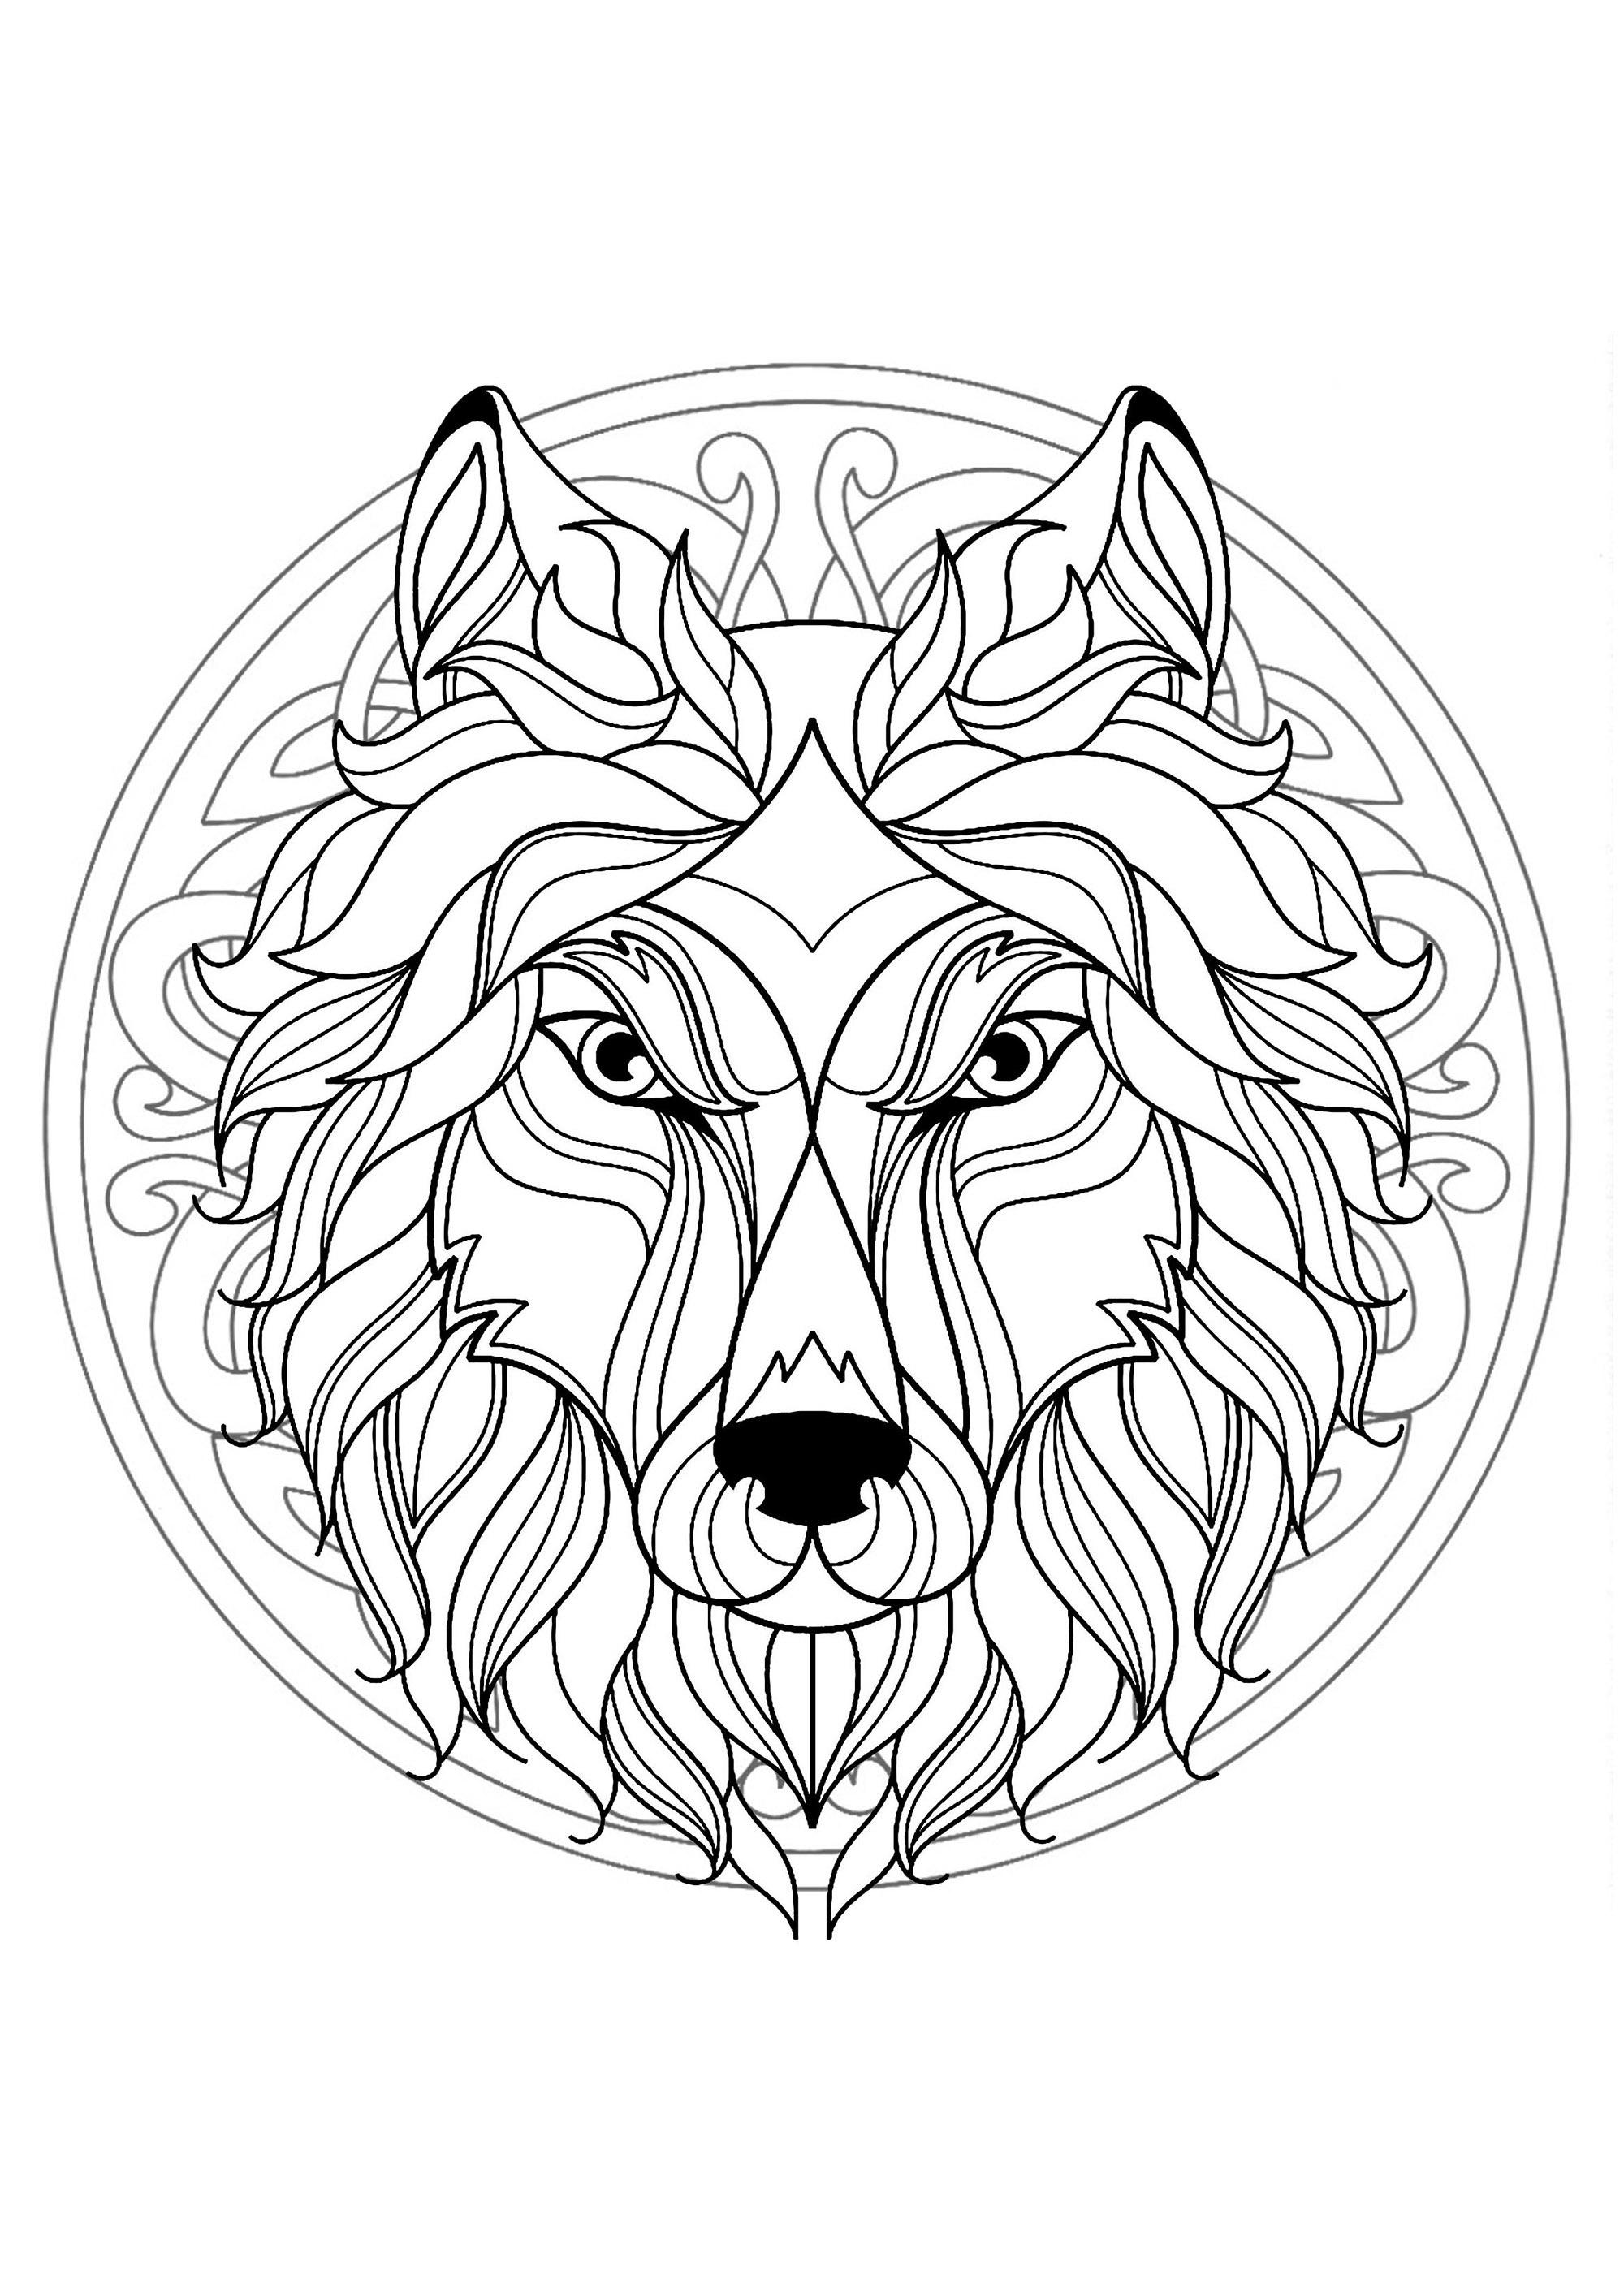 Mandala With Beautiful Wolf Head And Interlaced Patterns